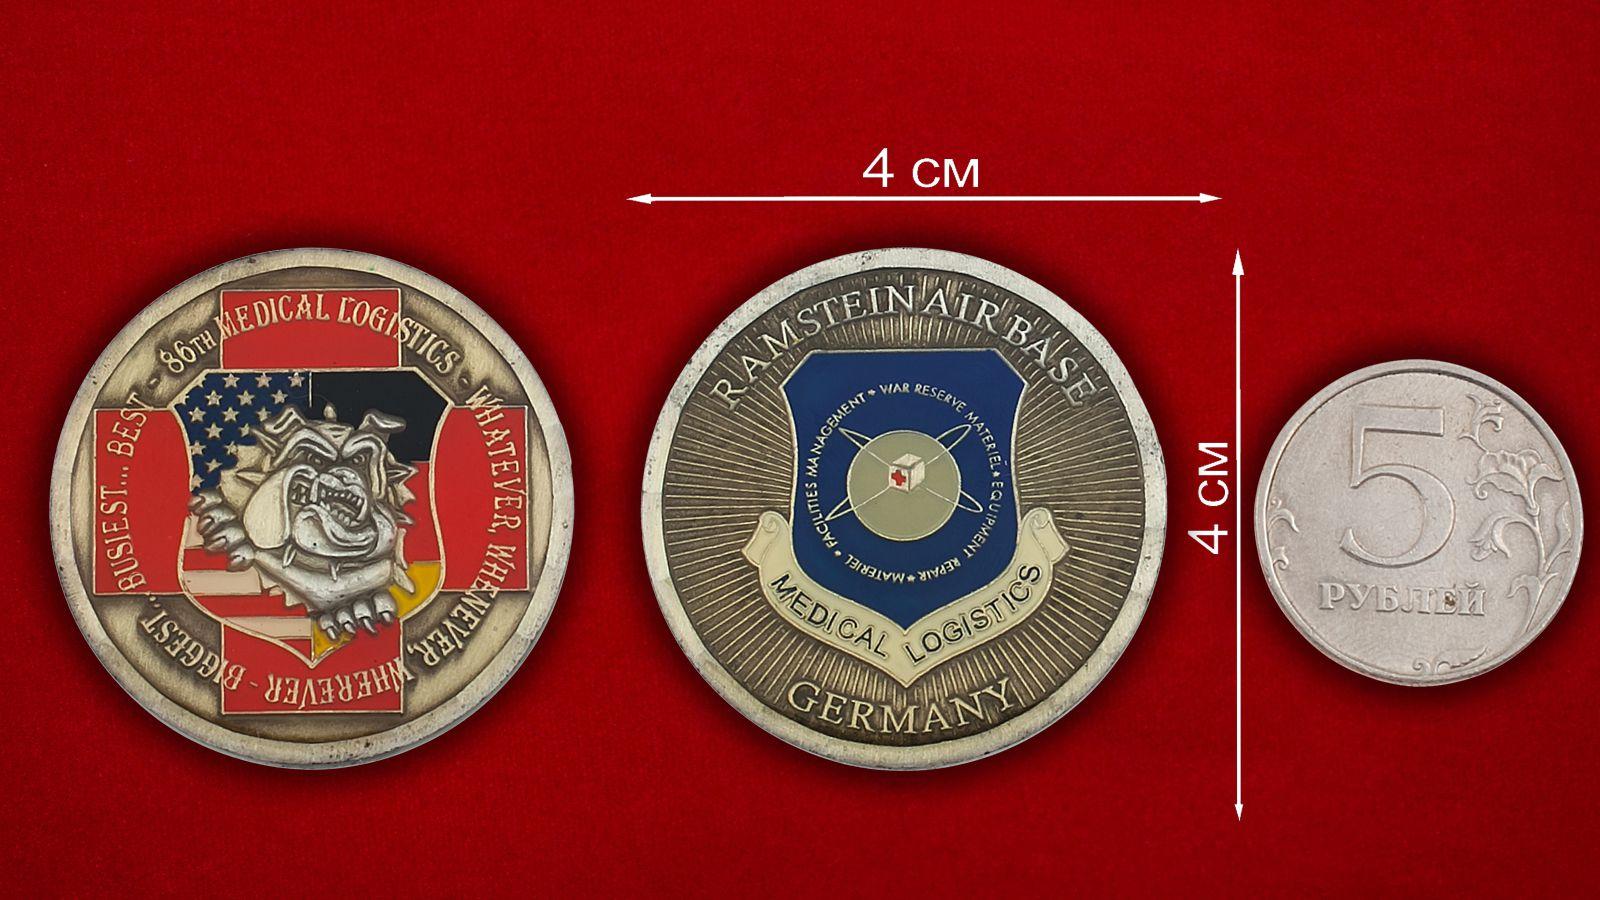 Челлендж коин службы снабжения 86-й Медицинской группы, авиабаза Рамштайн, ФРГ - оборотная сторона